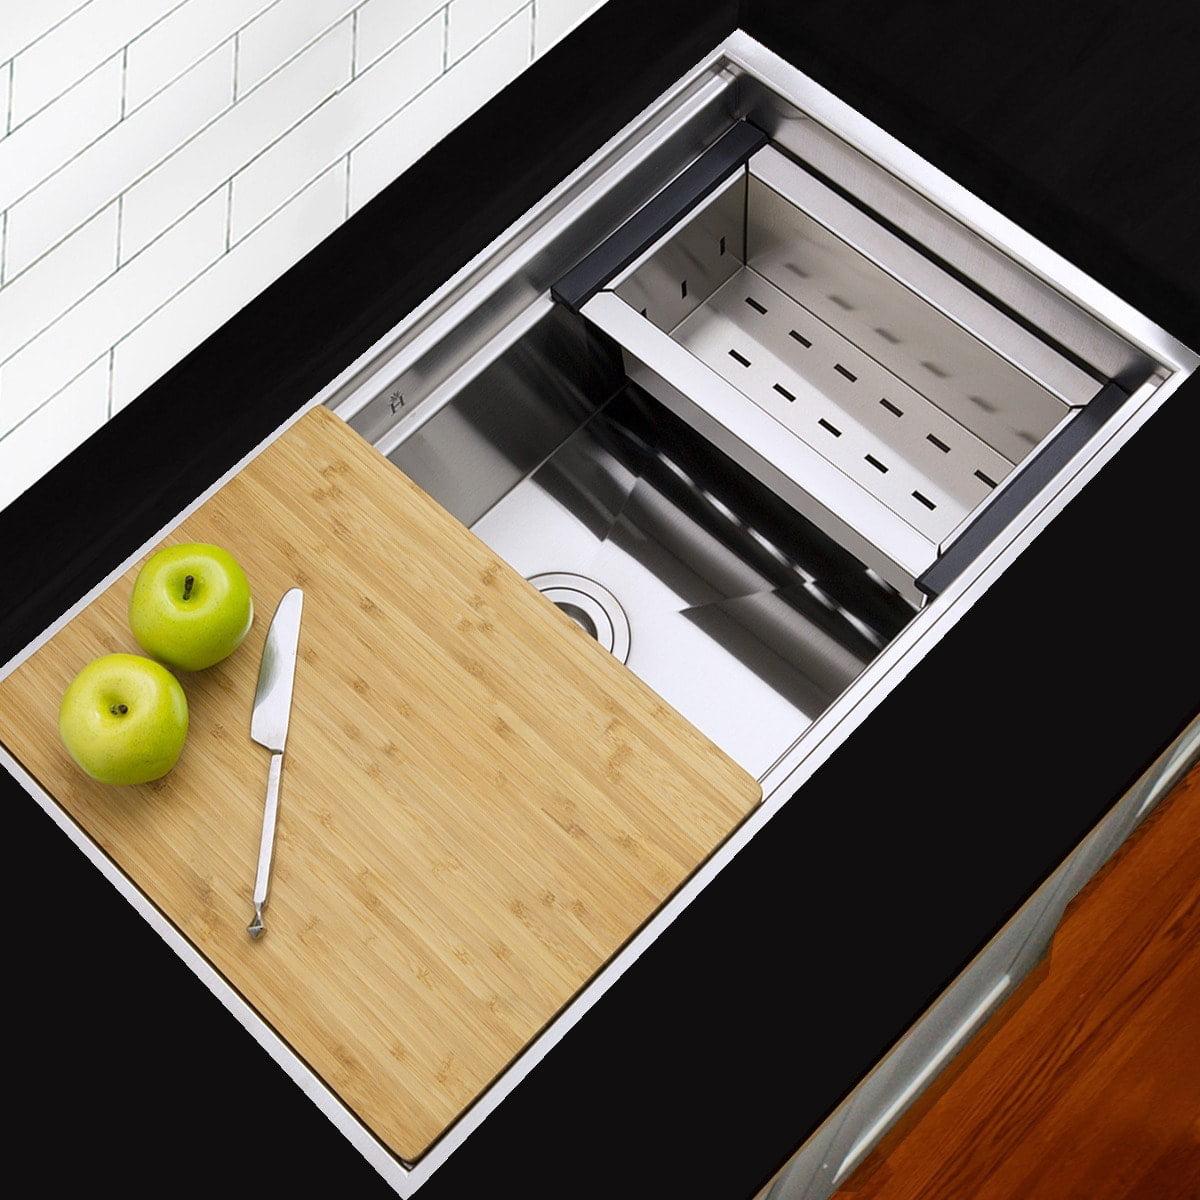 Highpoint Collection Highpoint Stainless Steel 30 Inch Zero Radius Undermount Kitchen Sink With Colander Cutting Board Drain Walmart Com Walmart Com